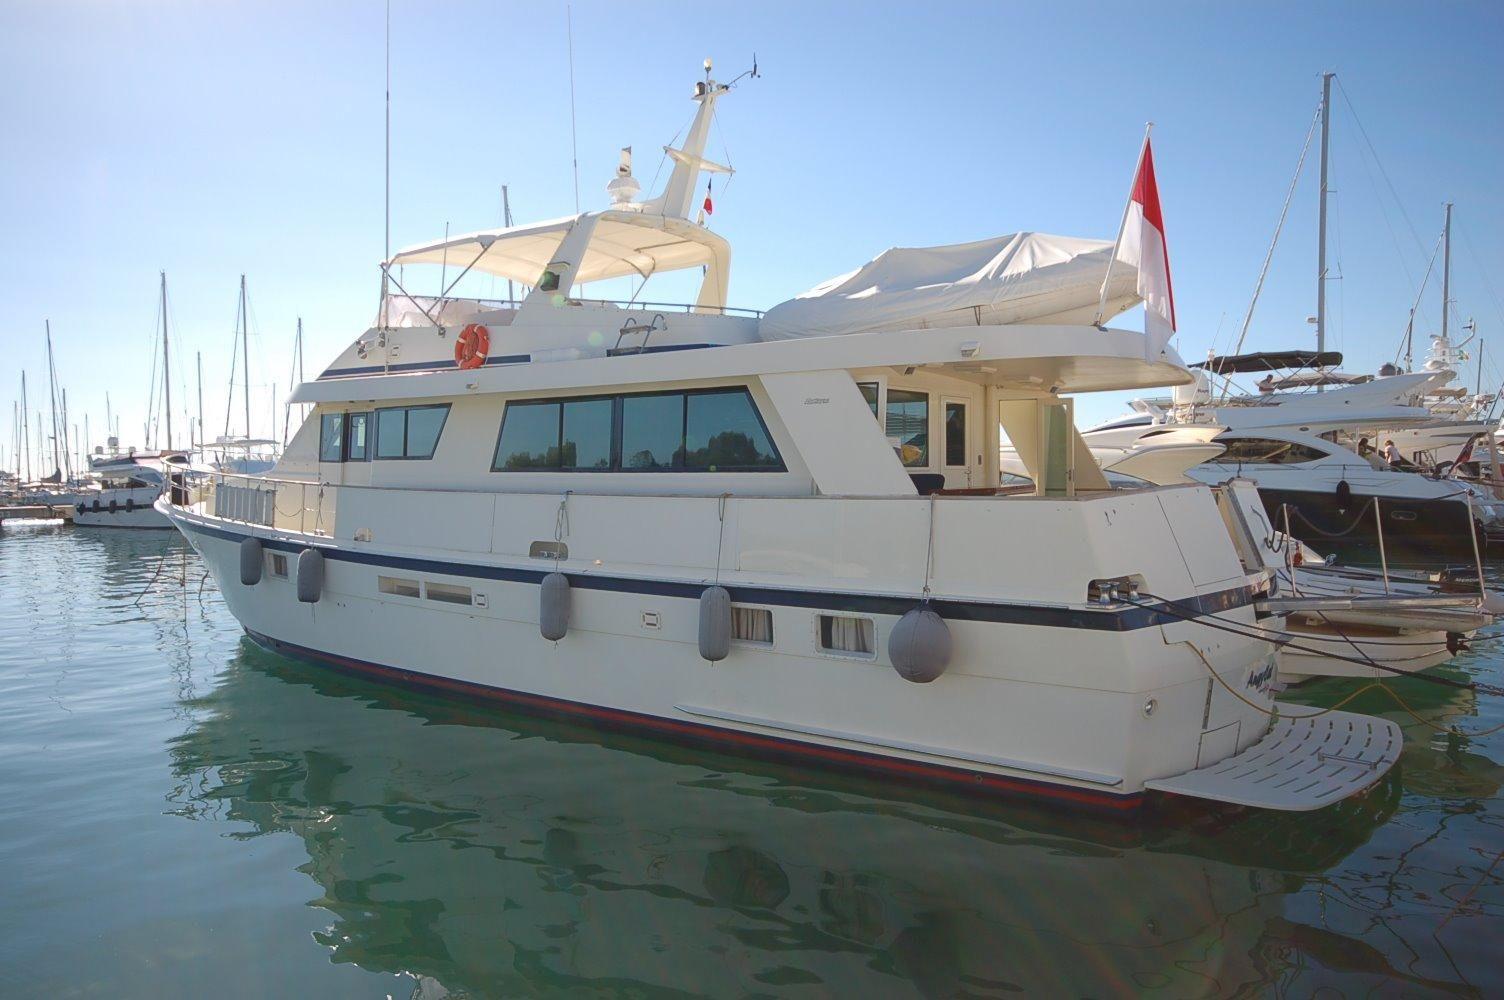 1991 hatteras 70 motor yacht power boat for sale www for Hatteras 70 motor yacht